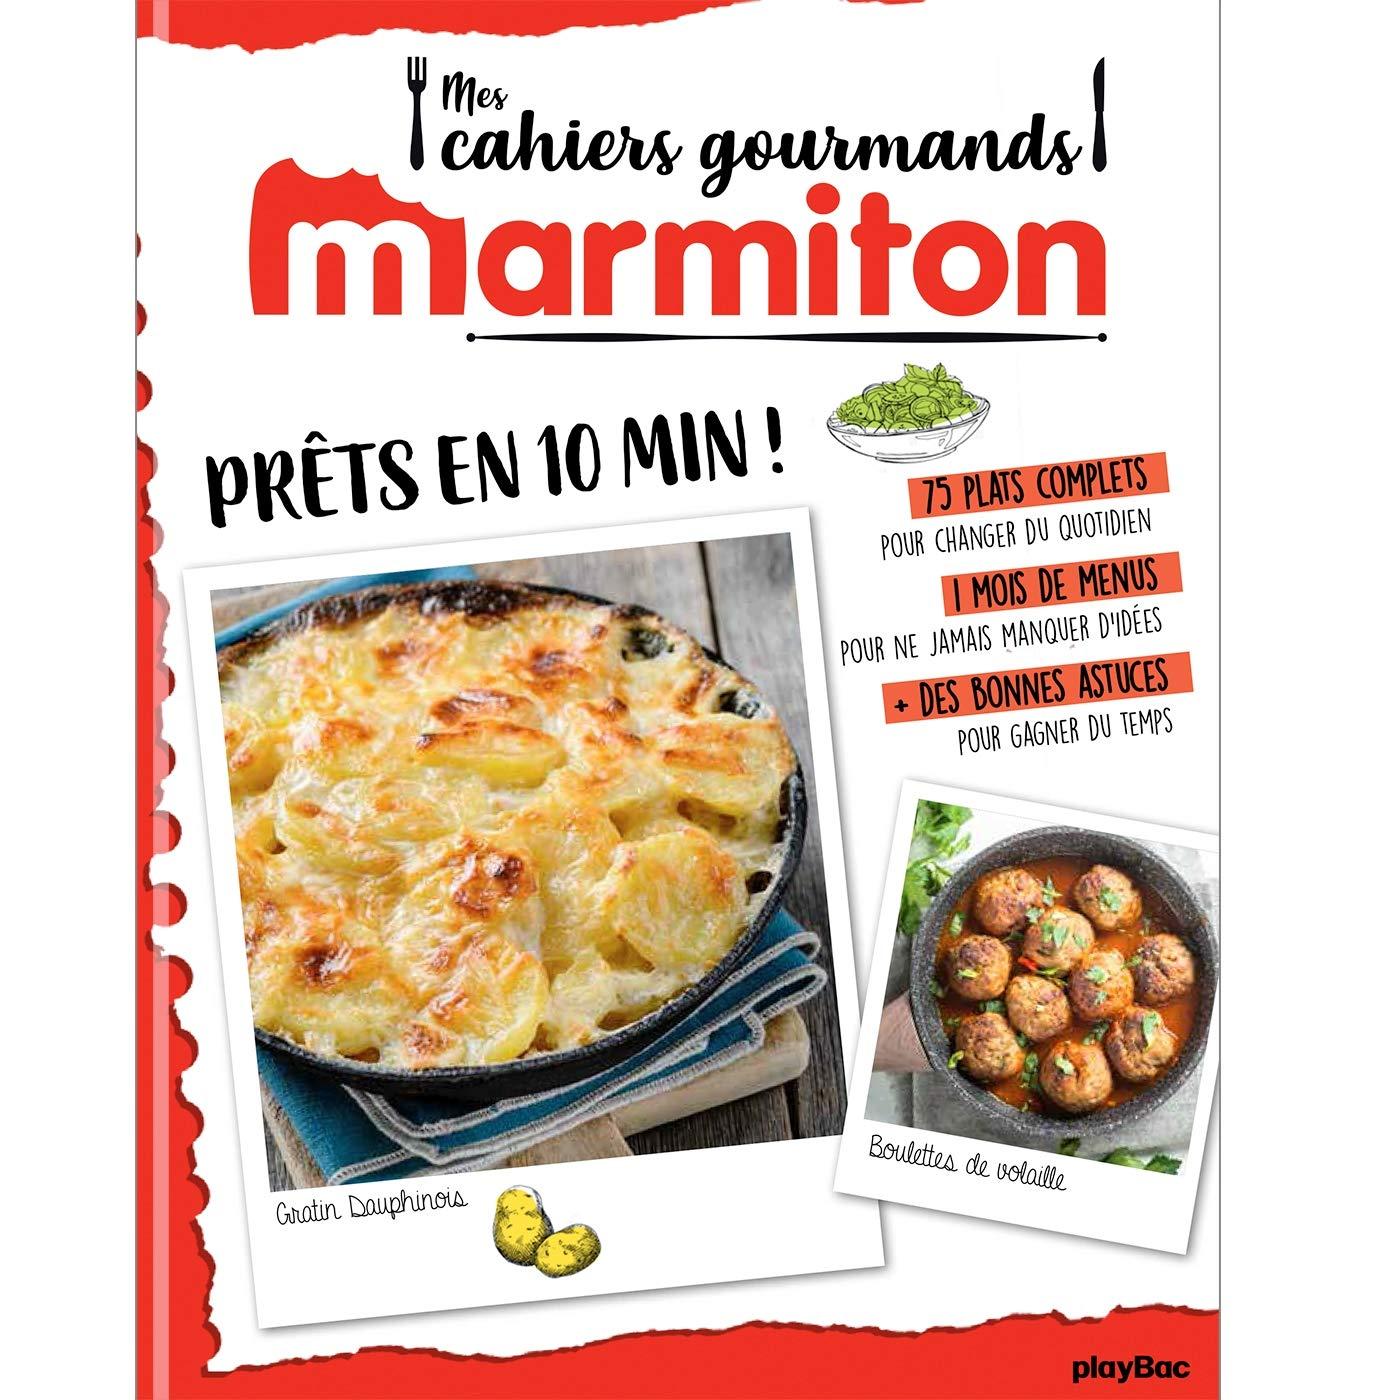 Menu De Noel Facile Et Rapide Marmiton.Amazon Fr Marmiton Cahier Gourmand Pret En 10 Minutes